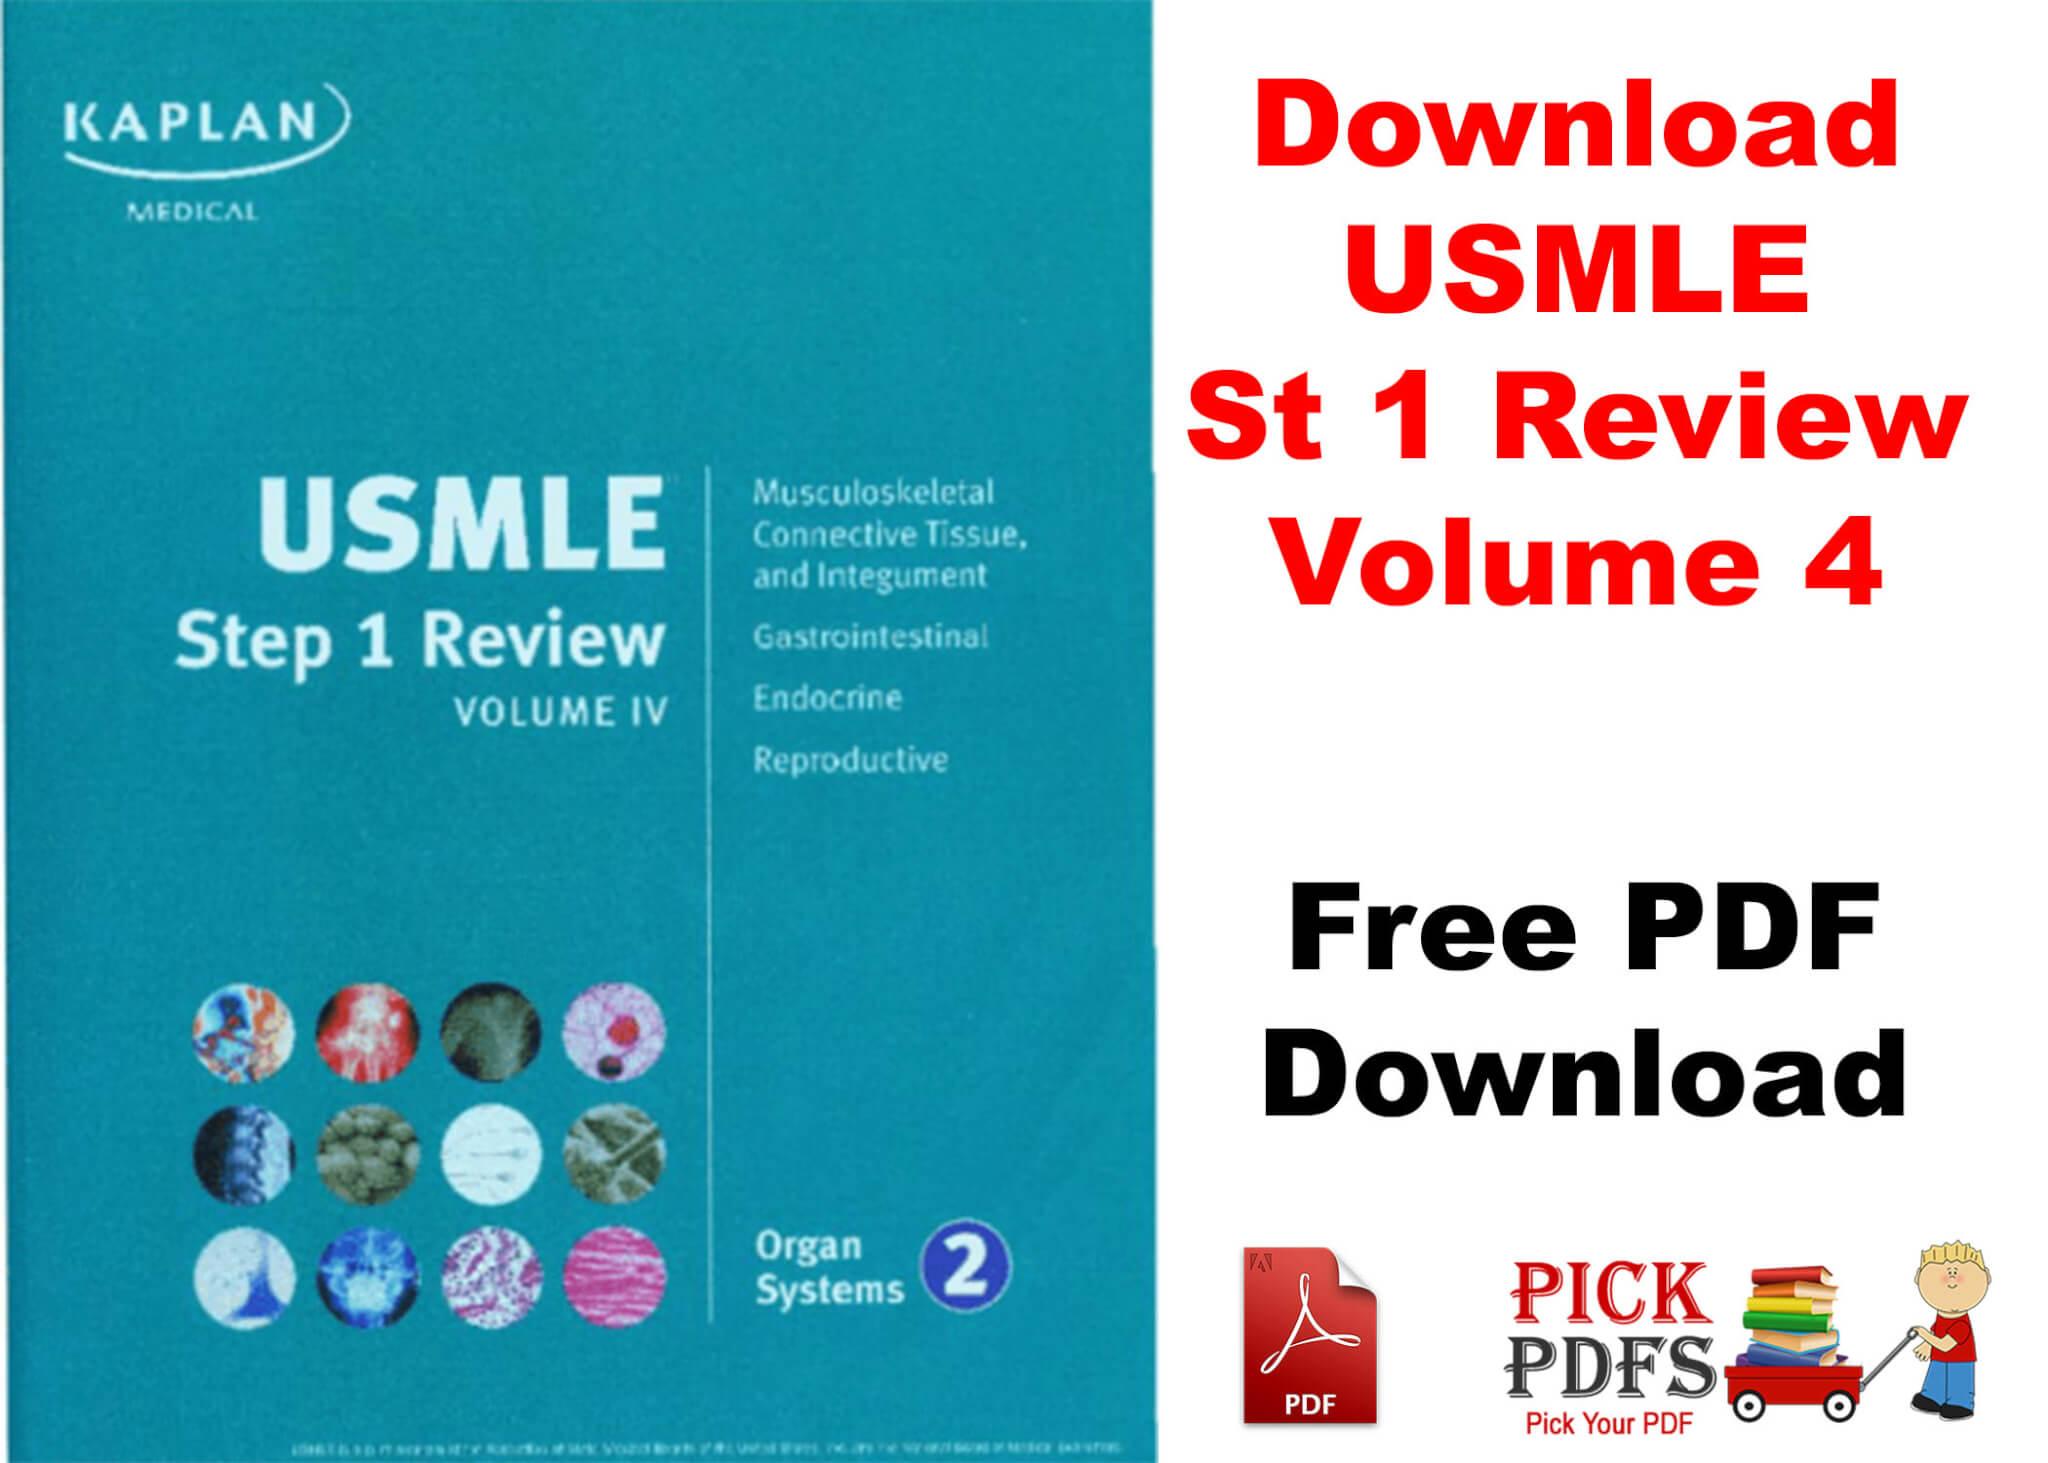 USMLE STEP 1 Archives - Pick PDFs